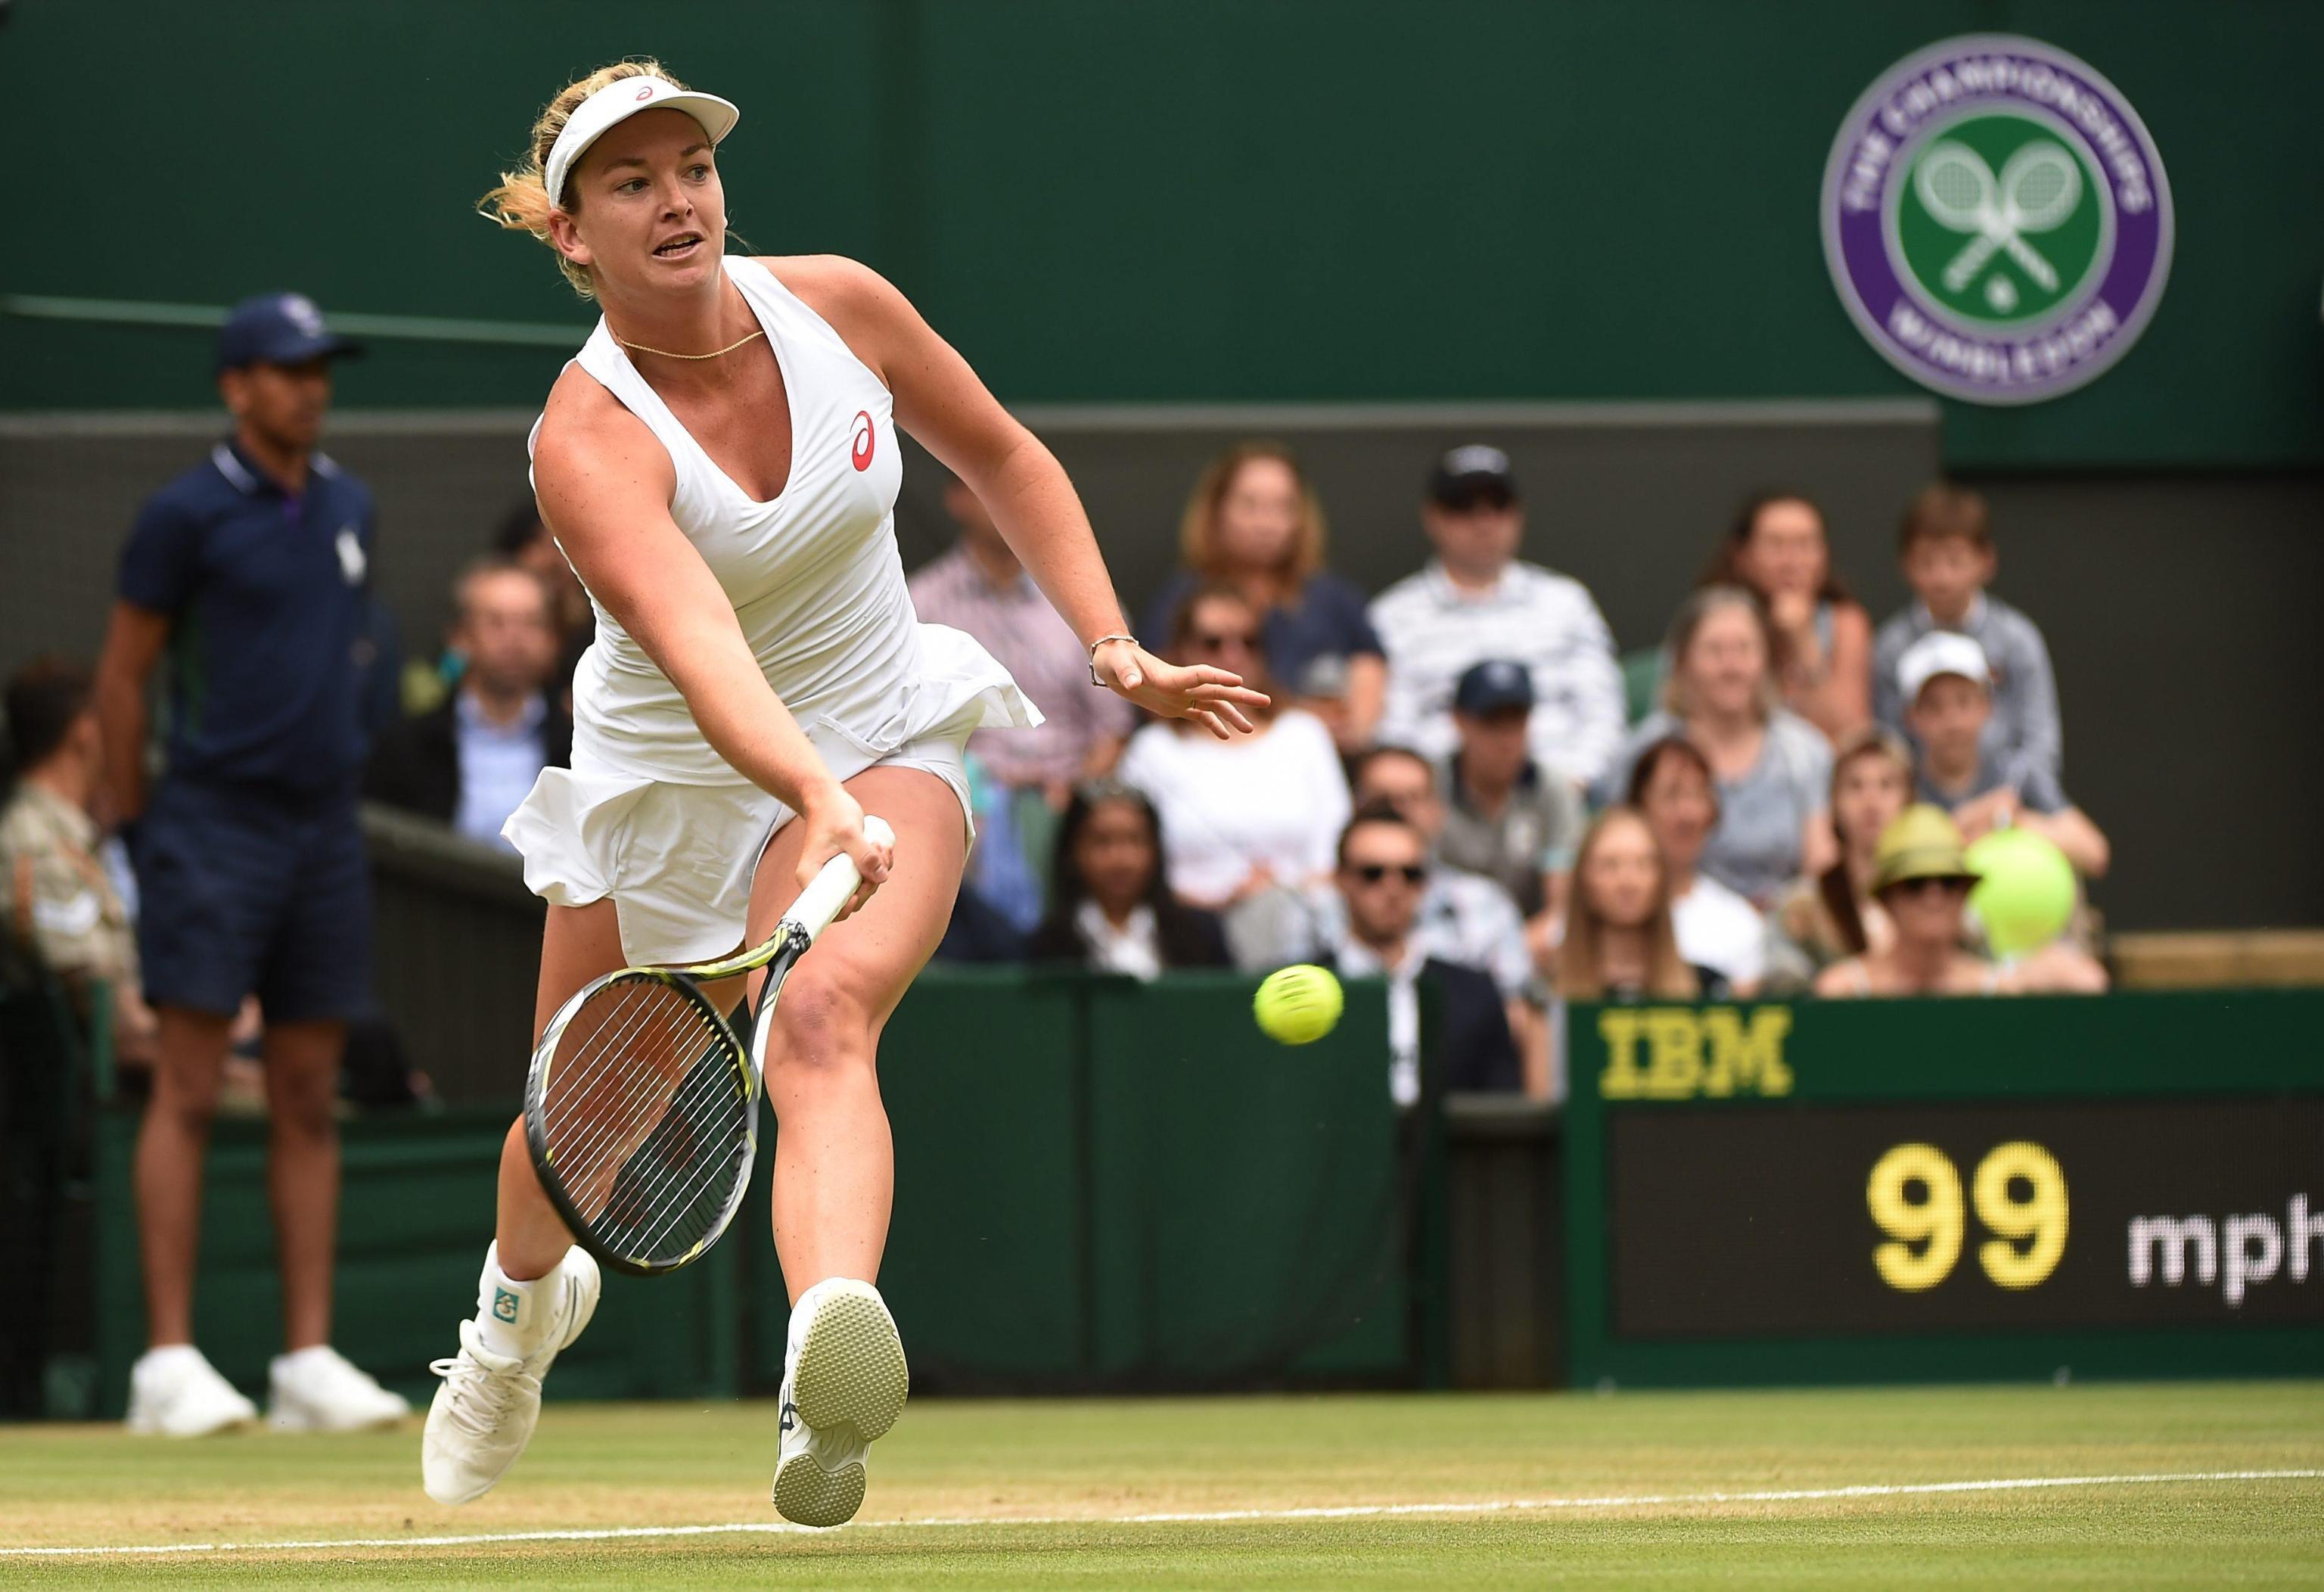 L'Italia non va oltre la prima settimana a Wimbledon. Roberta Vinci, unica portacolori azzurra rimasta in gioco tra maschi e femmine nel celebre torneo dello Slam sull'erba dell'All England Club, è stata eliminata al terzo turno da Coco Vandeweghe: la statunitense si è imposta in due set 6-3, 6-4 in un'ora e 9 minuti di gioco. La Vinci manca l'accesso agli ottavi di finale, raggiunti nel 2012 e nel 2013.